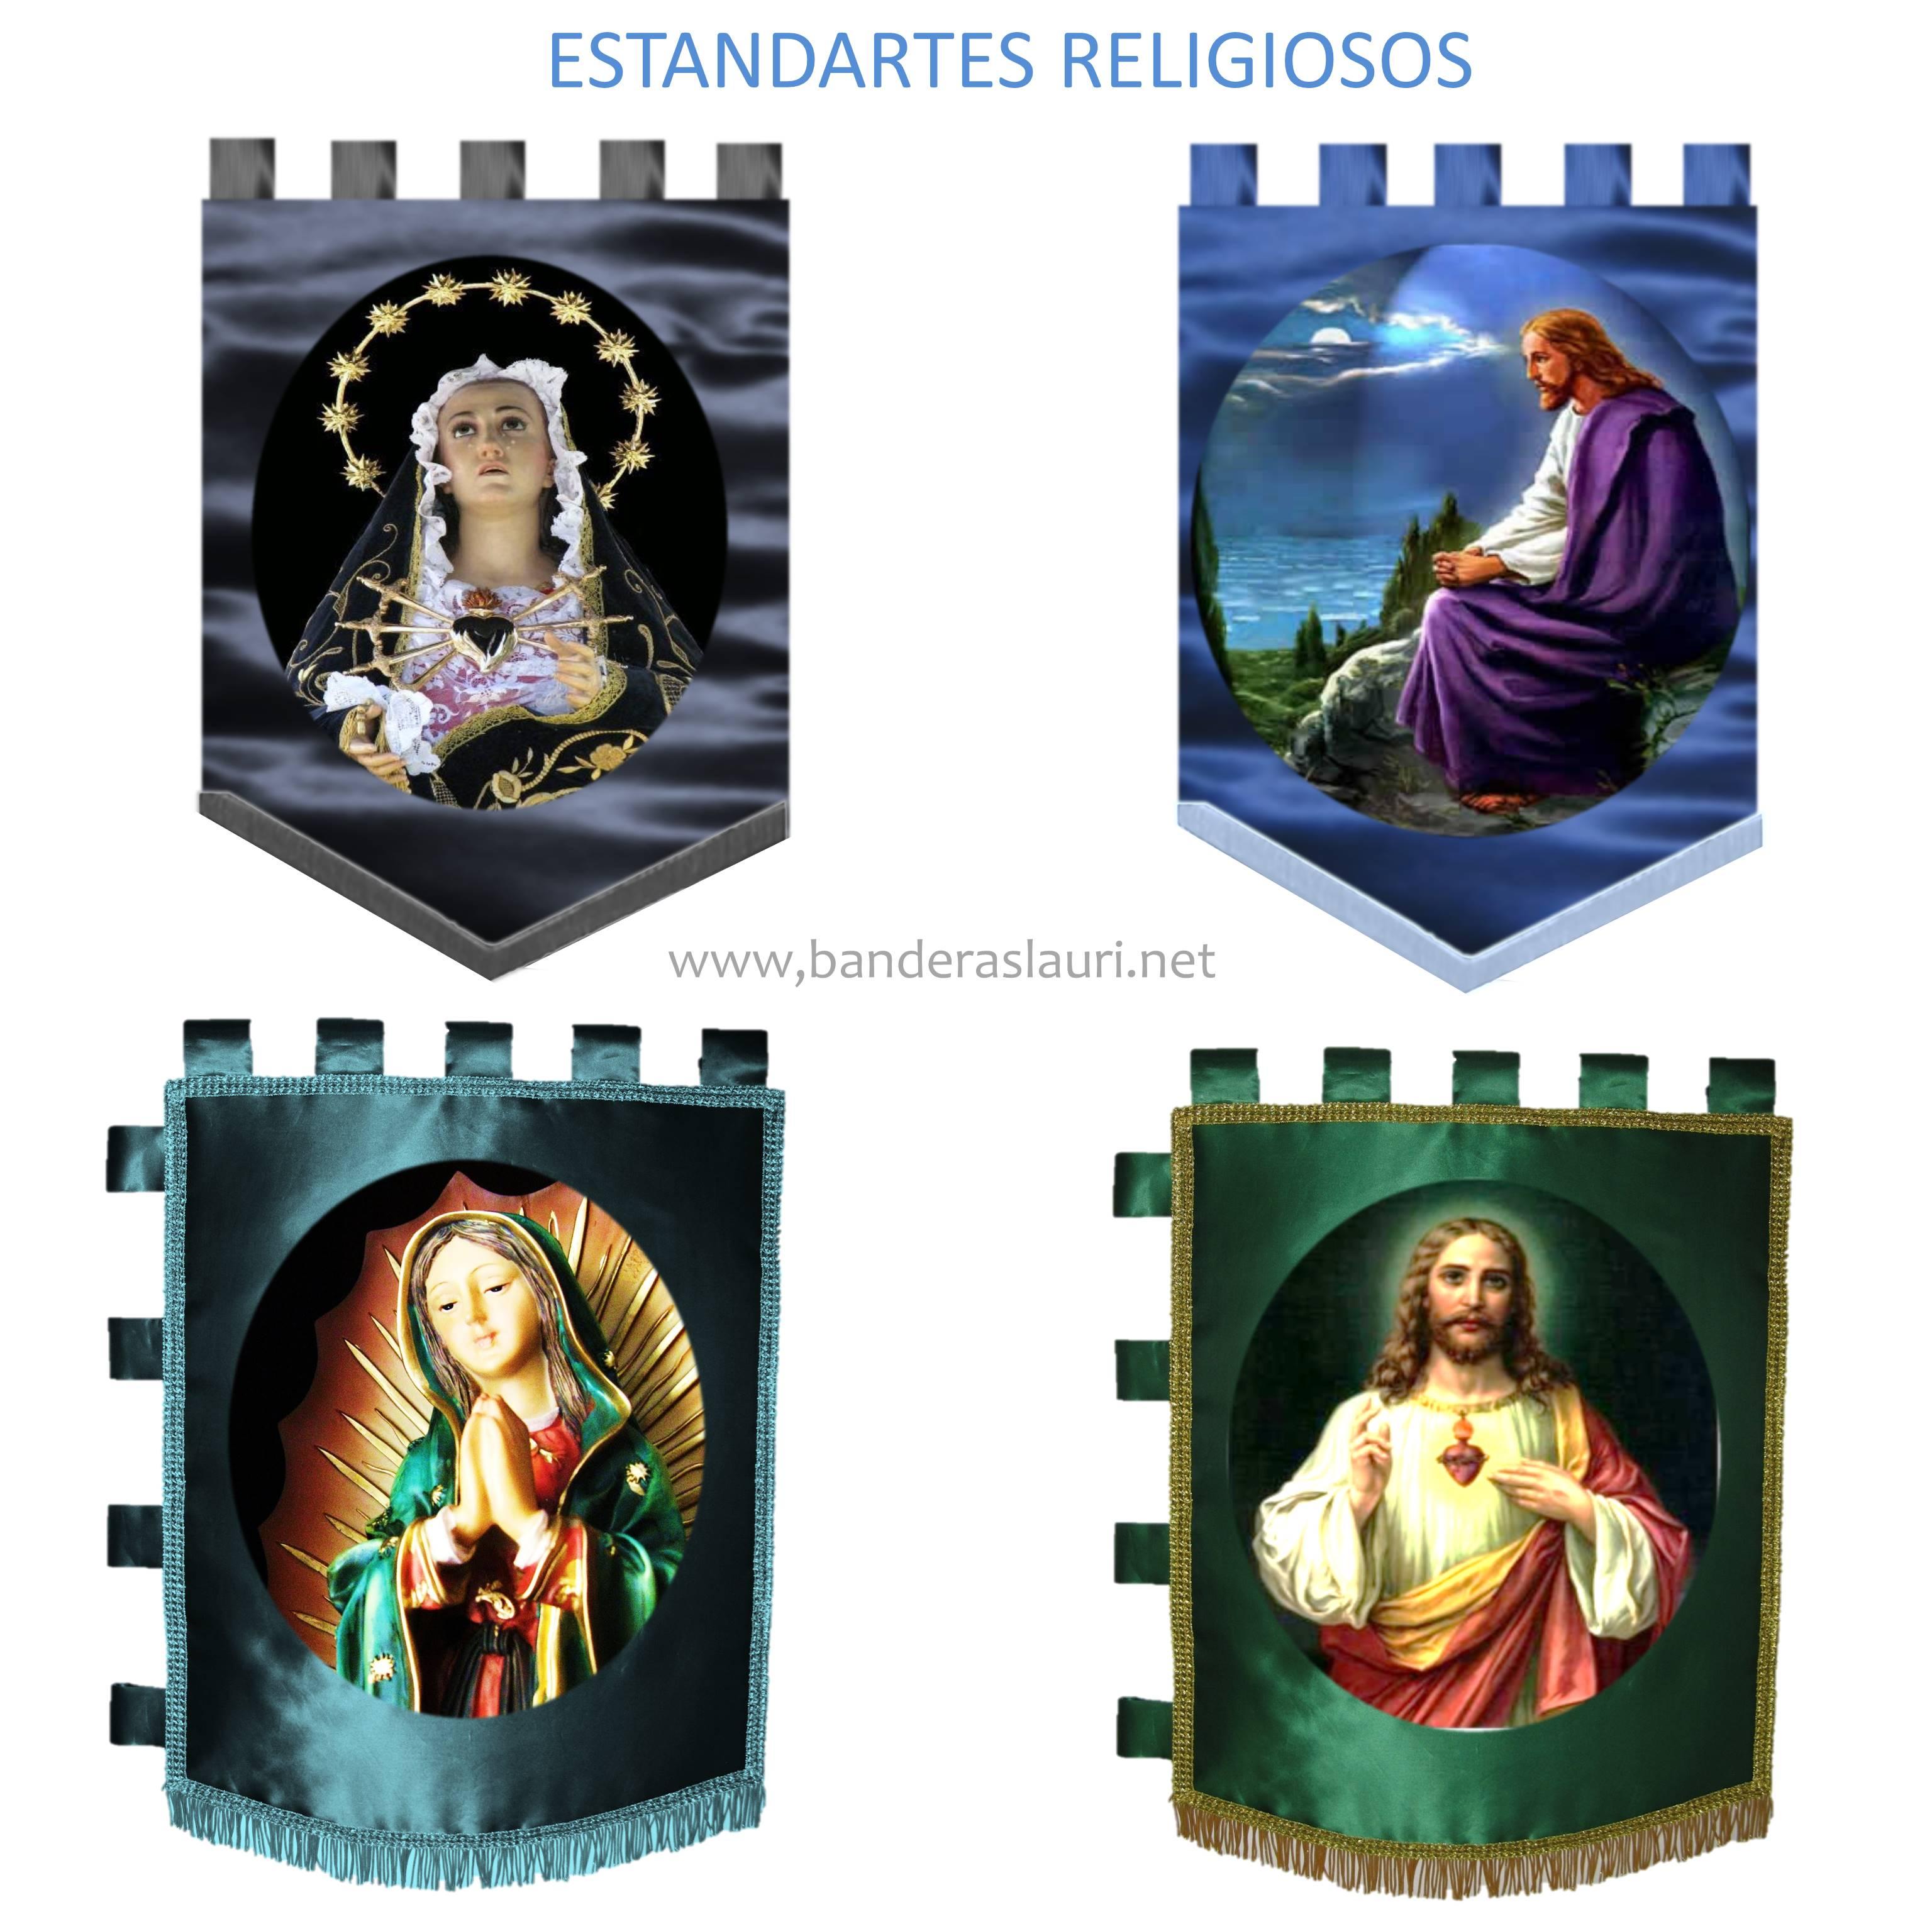 Fabrica Venta Comprar Estandartes estandartes imagenes religiosas estanters personalizados para peñas